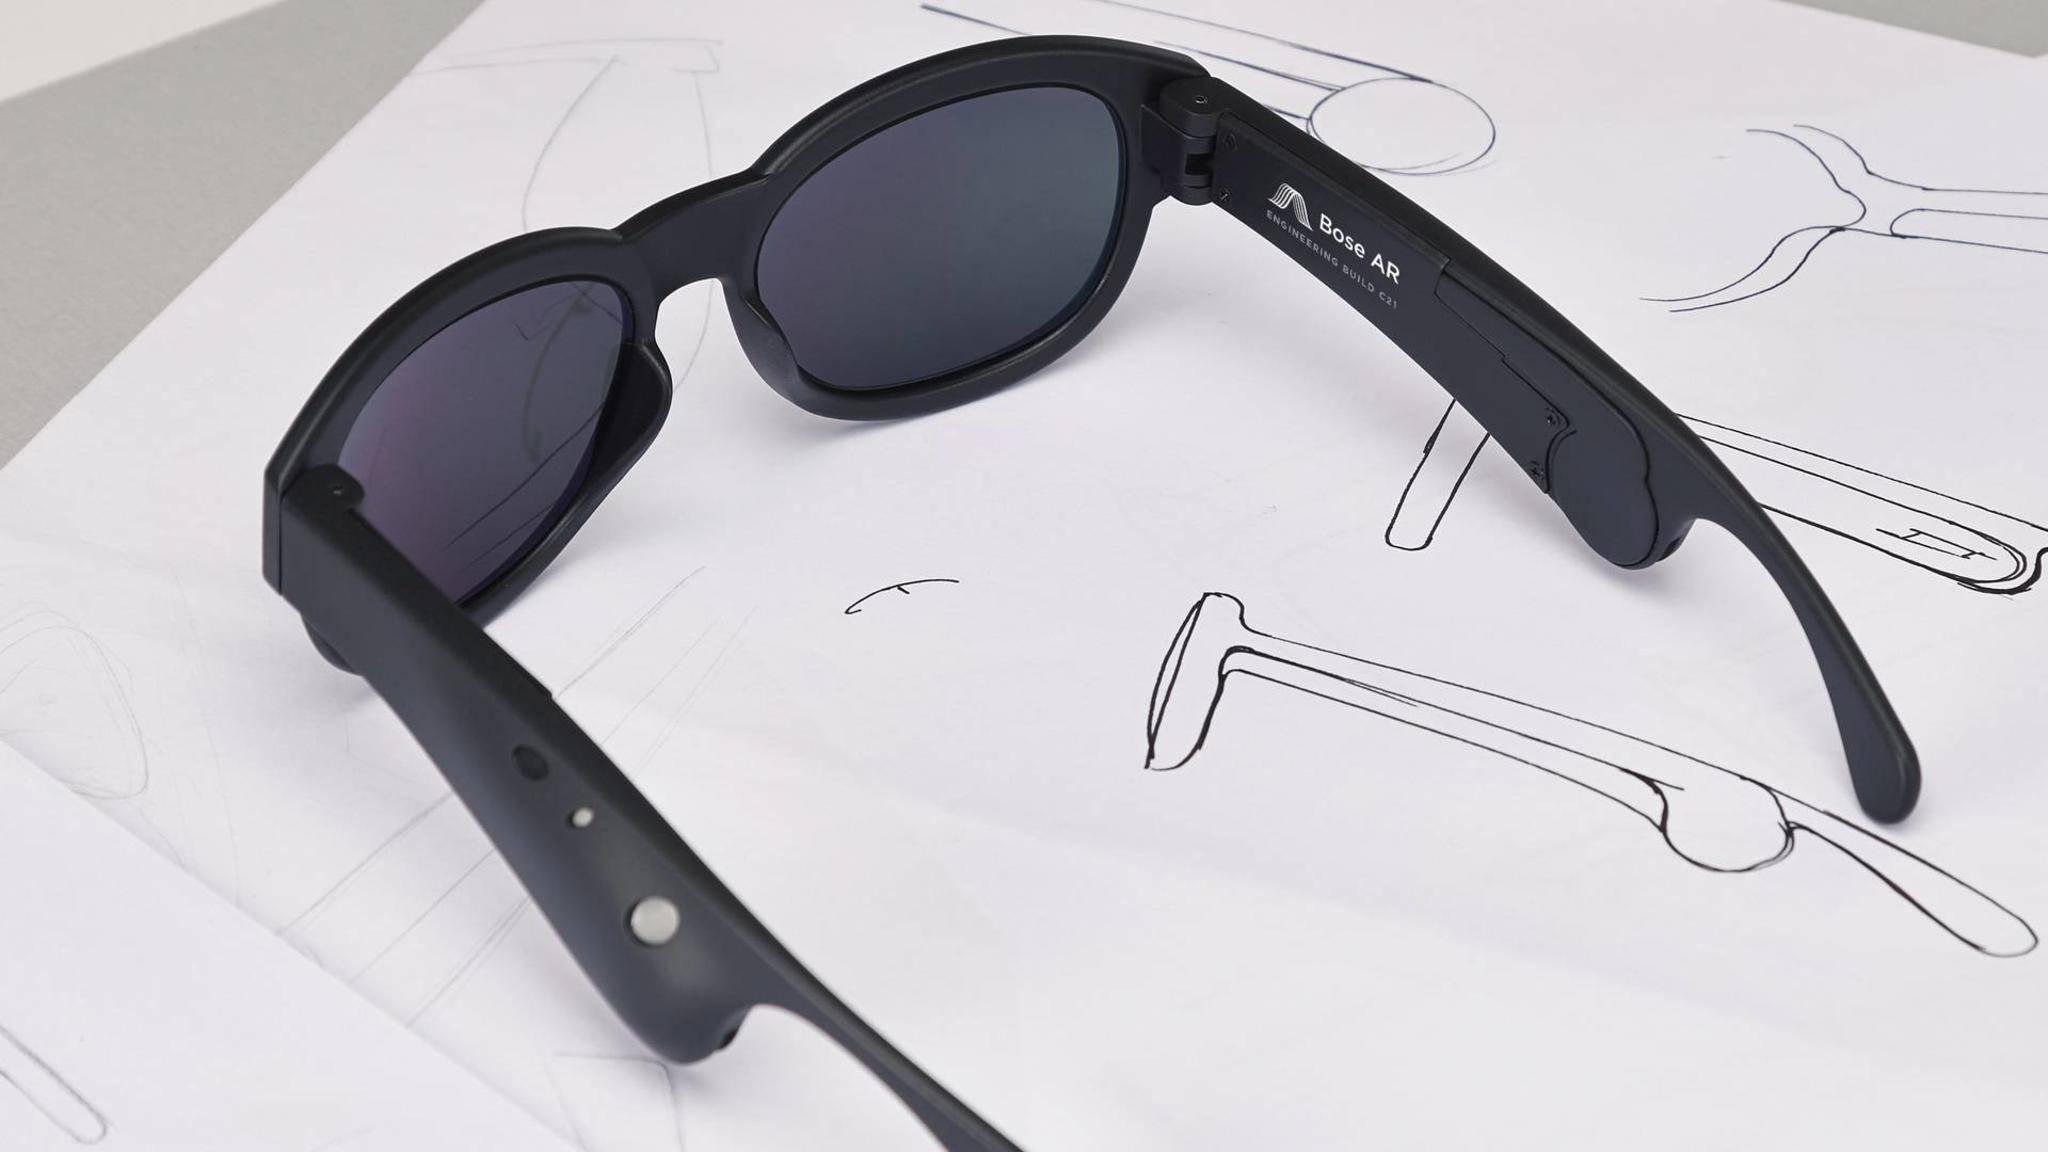 Die Bose AR unterscheidet sich grundlegend von jeder anderen Augmented-Reality-Brille.